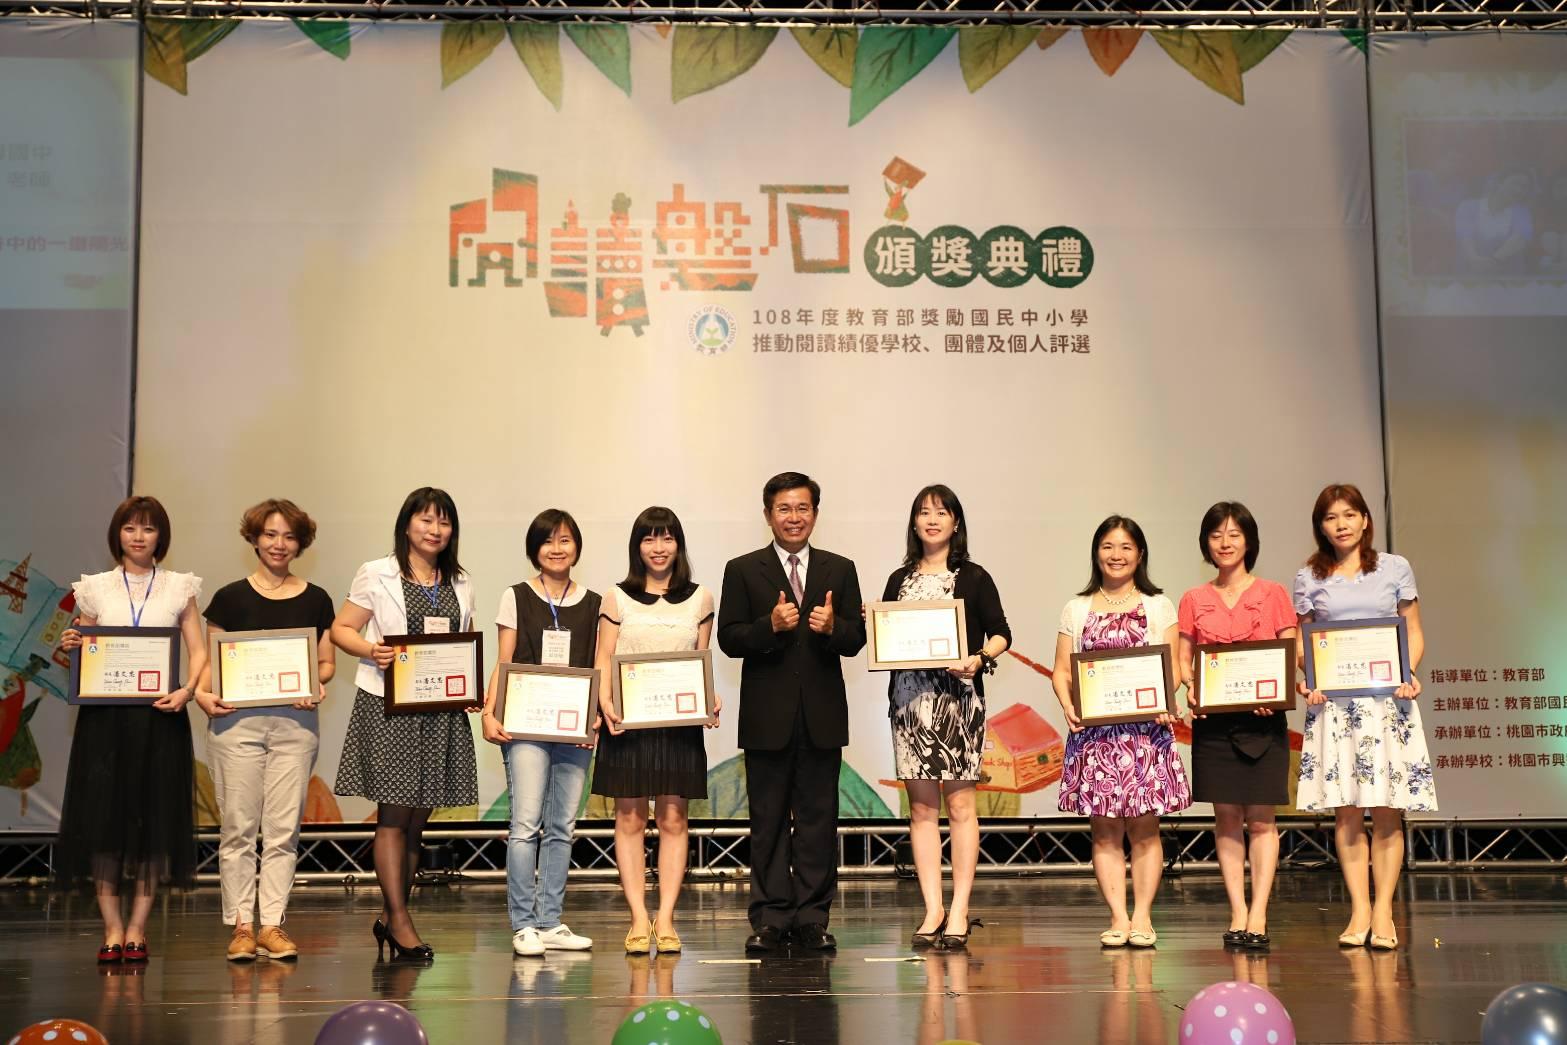 閱讀推手個人組受獎者與部長合影3_大圖